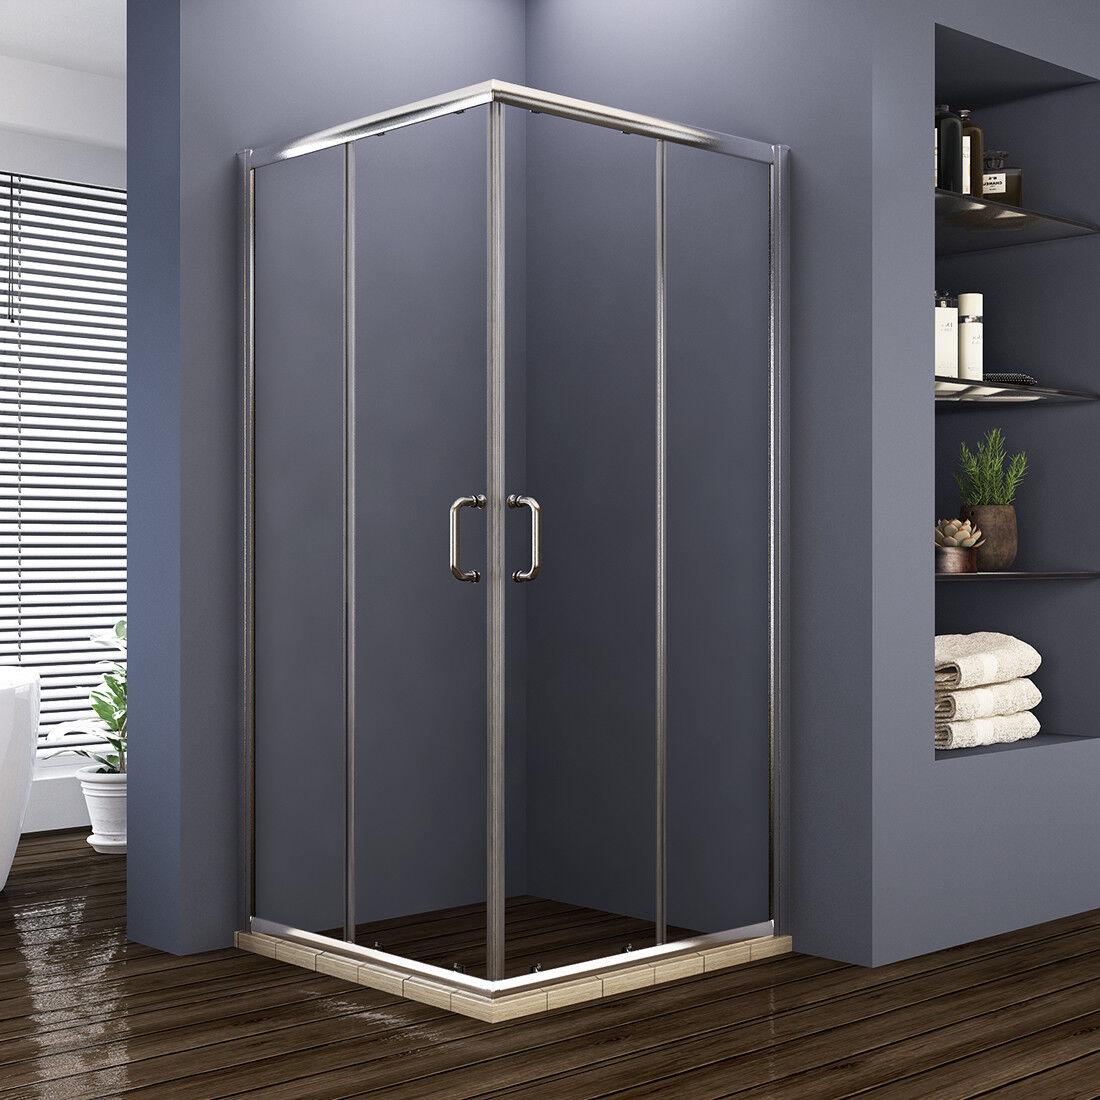 Frameless corner shower enclosures nikon d7000 battery charger